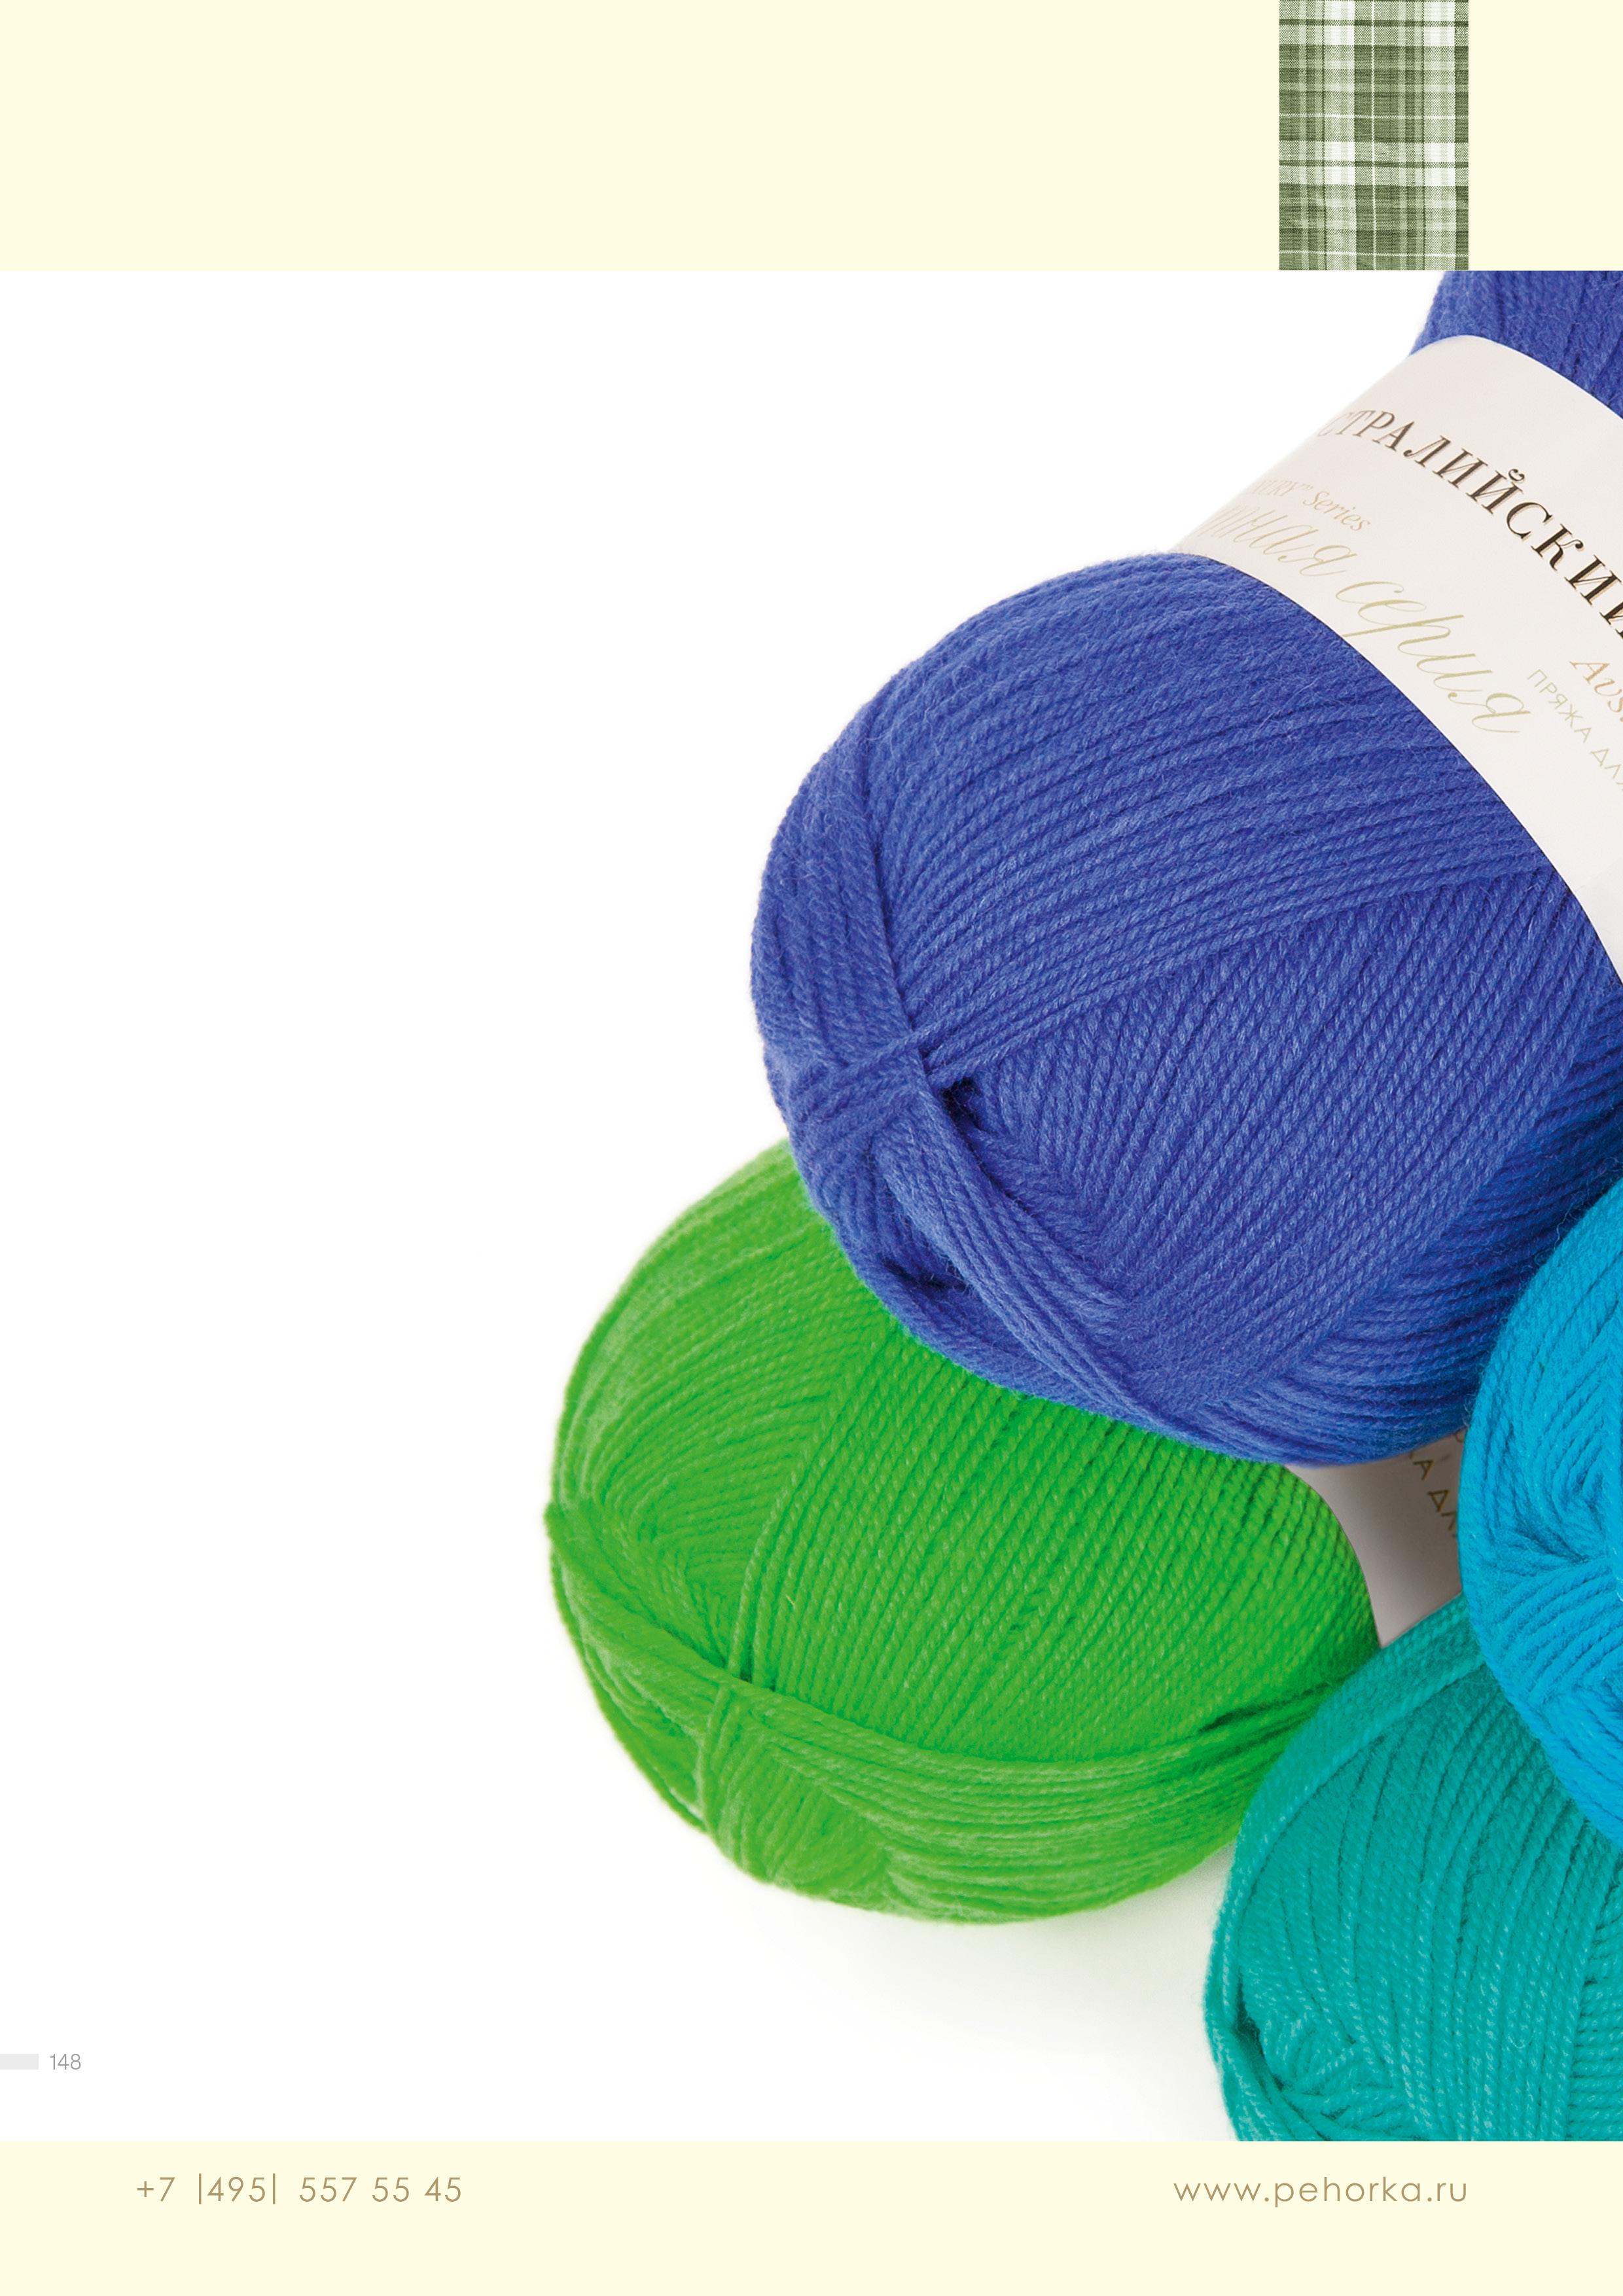 Пряжа для вязания Италия купить в Барнауле, цена 150 руб 27